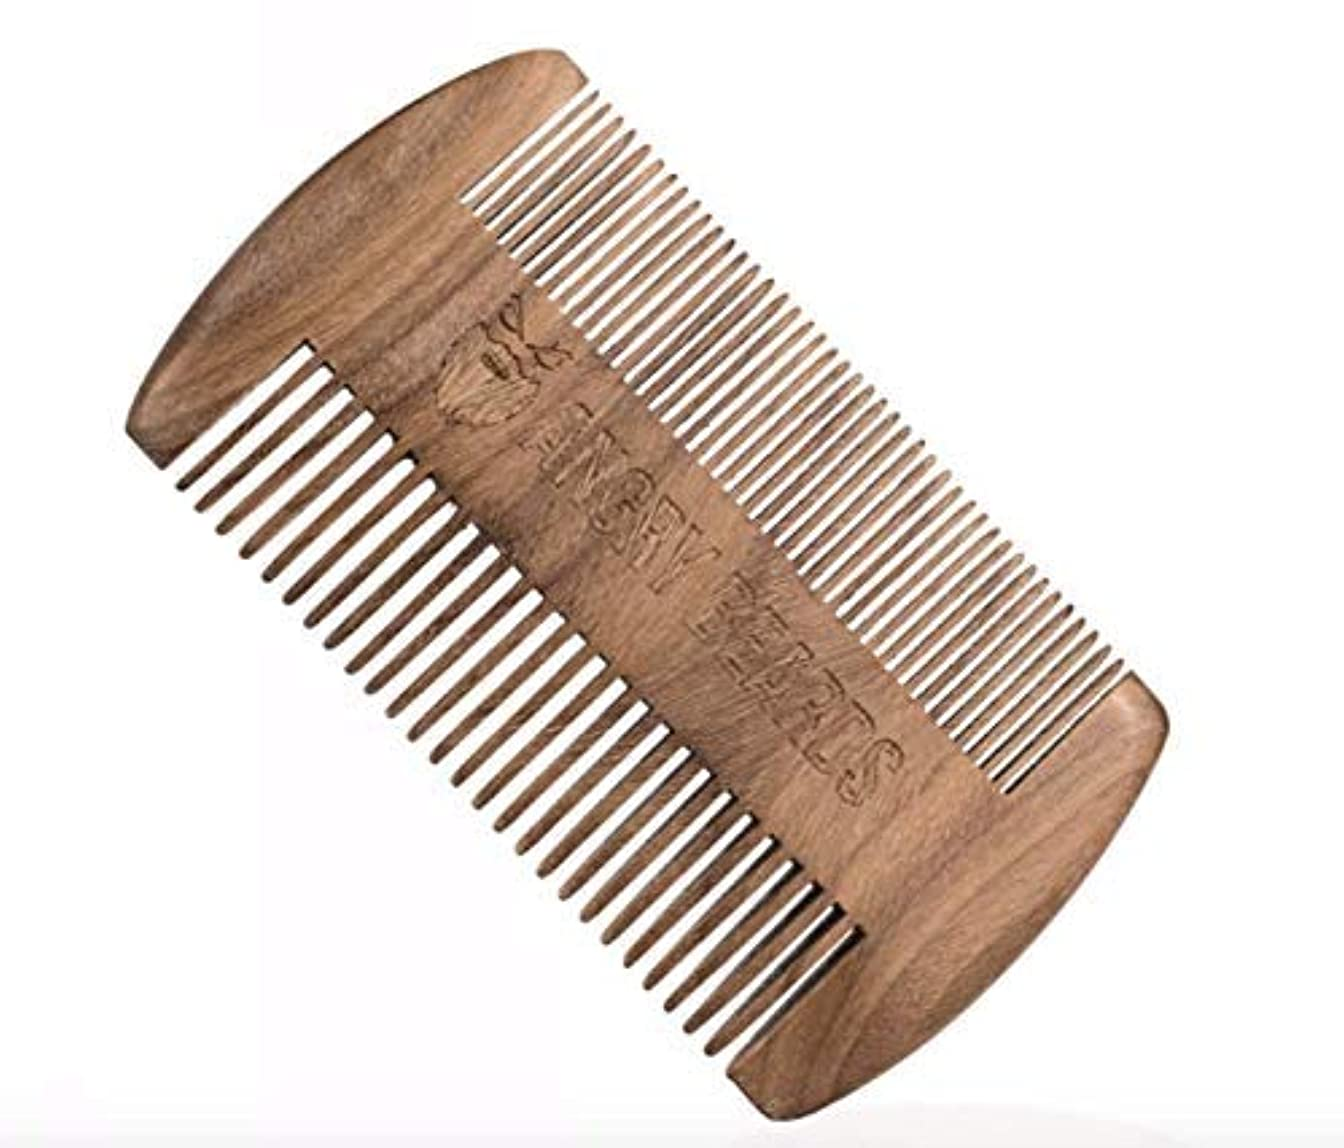 のヒープ空ドリンクWooden Beard Comb 10x6cm by Angry Beards Made in Czech Republic / チェコ共和国製の怒っているひげによって木のひげの櫛10 x 6 cm